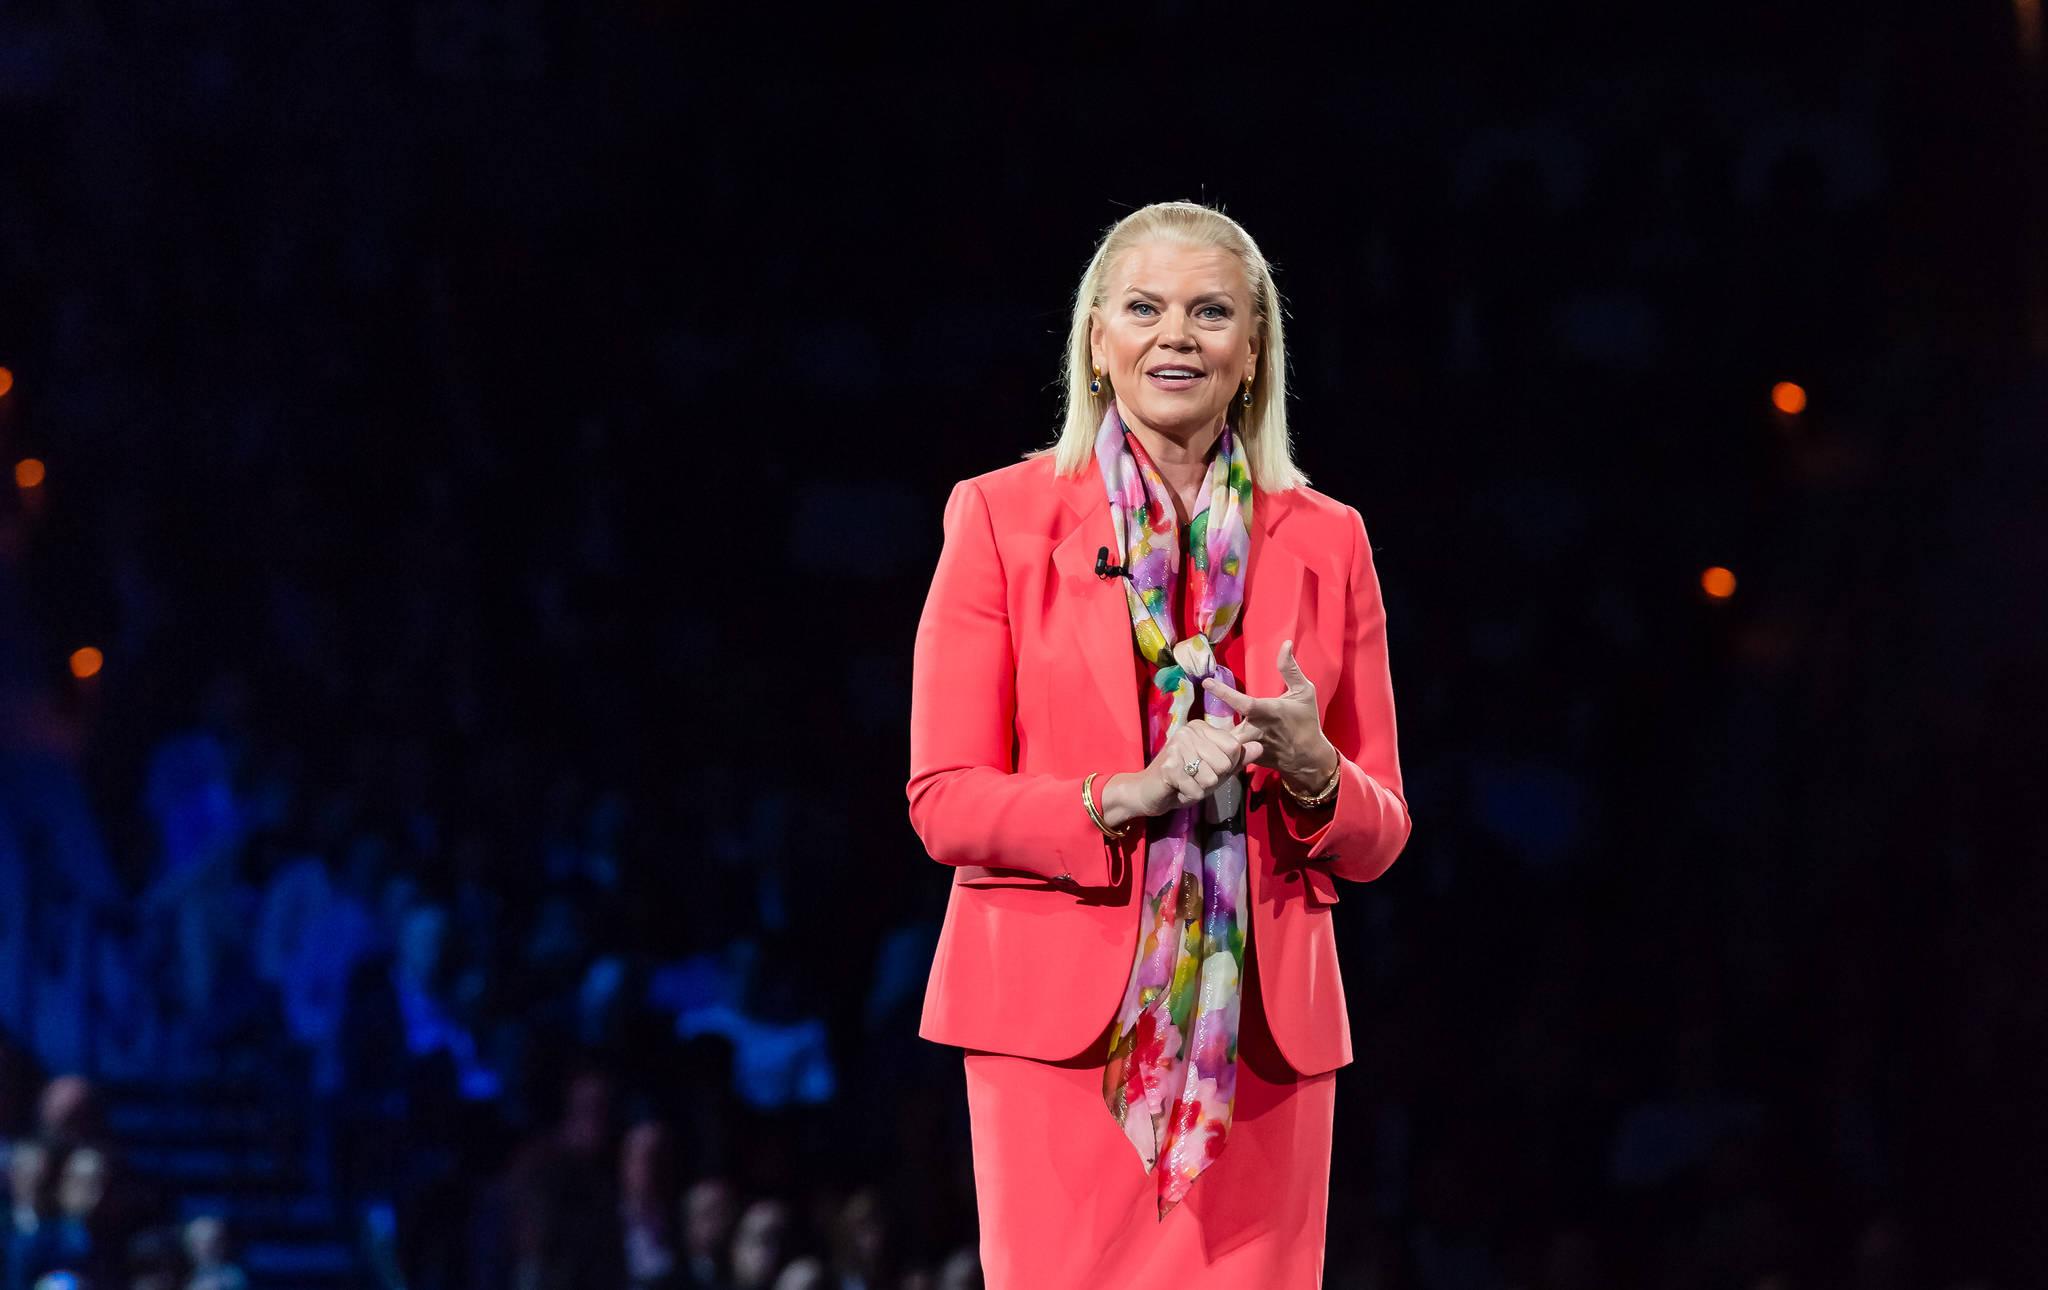 지니 로메티 IBM CEO가 20일(현지시각) 미국 라스베이거스에서 개막한 IBM '씽크 2018' 컨퍼런스에서 발표하고 있다. [사진 IBM]